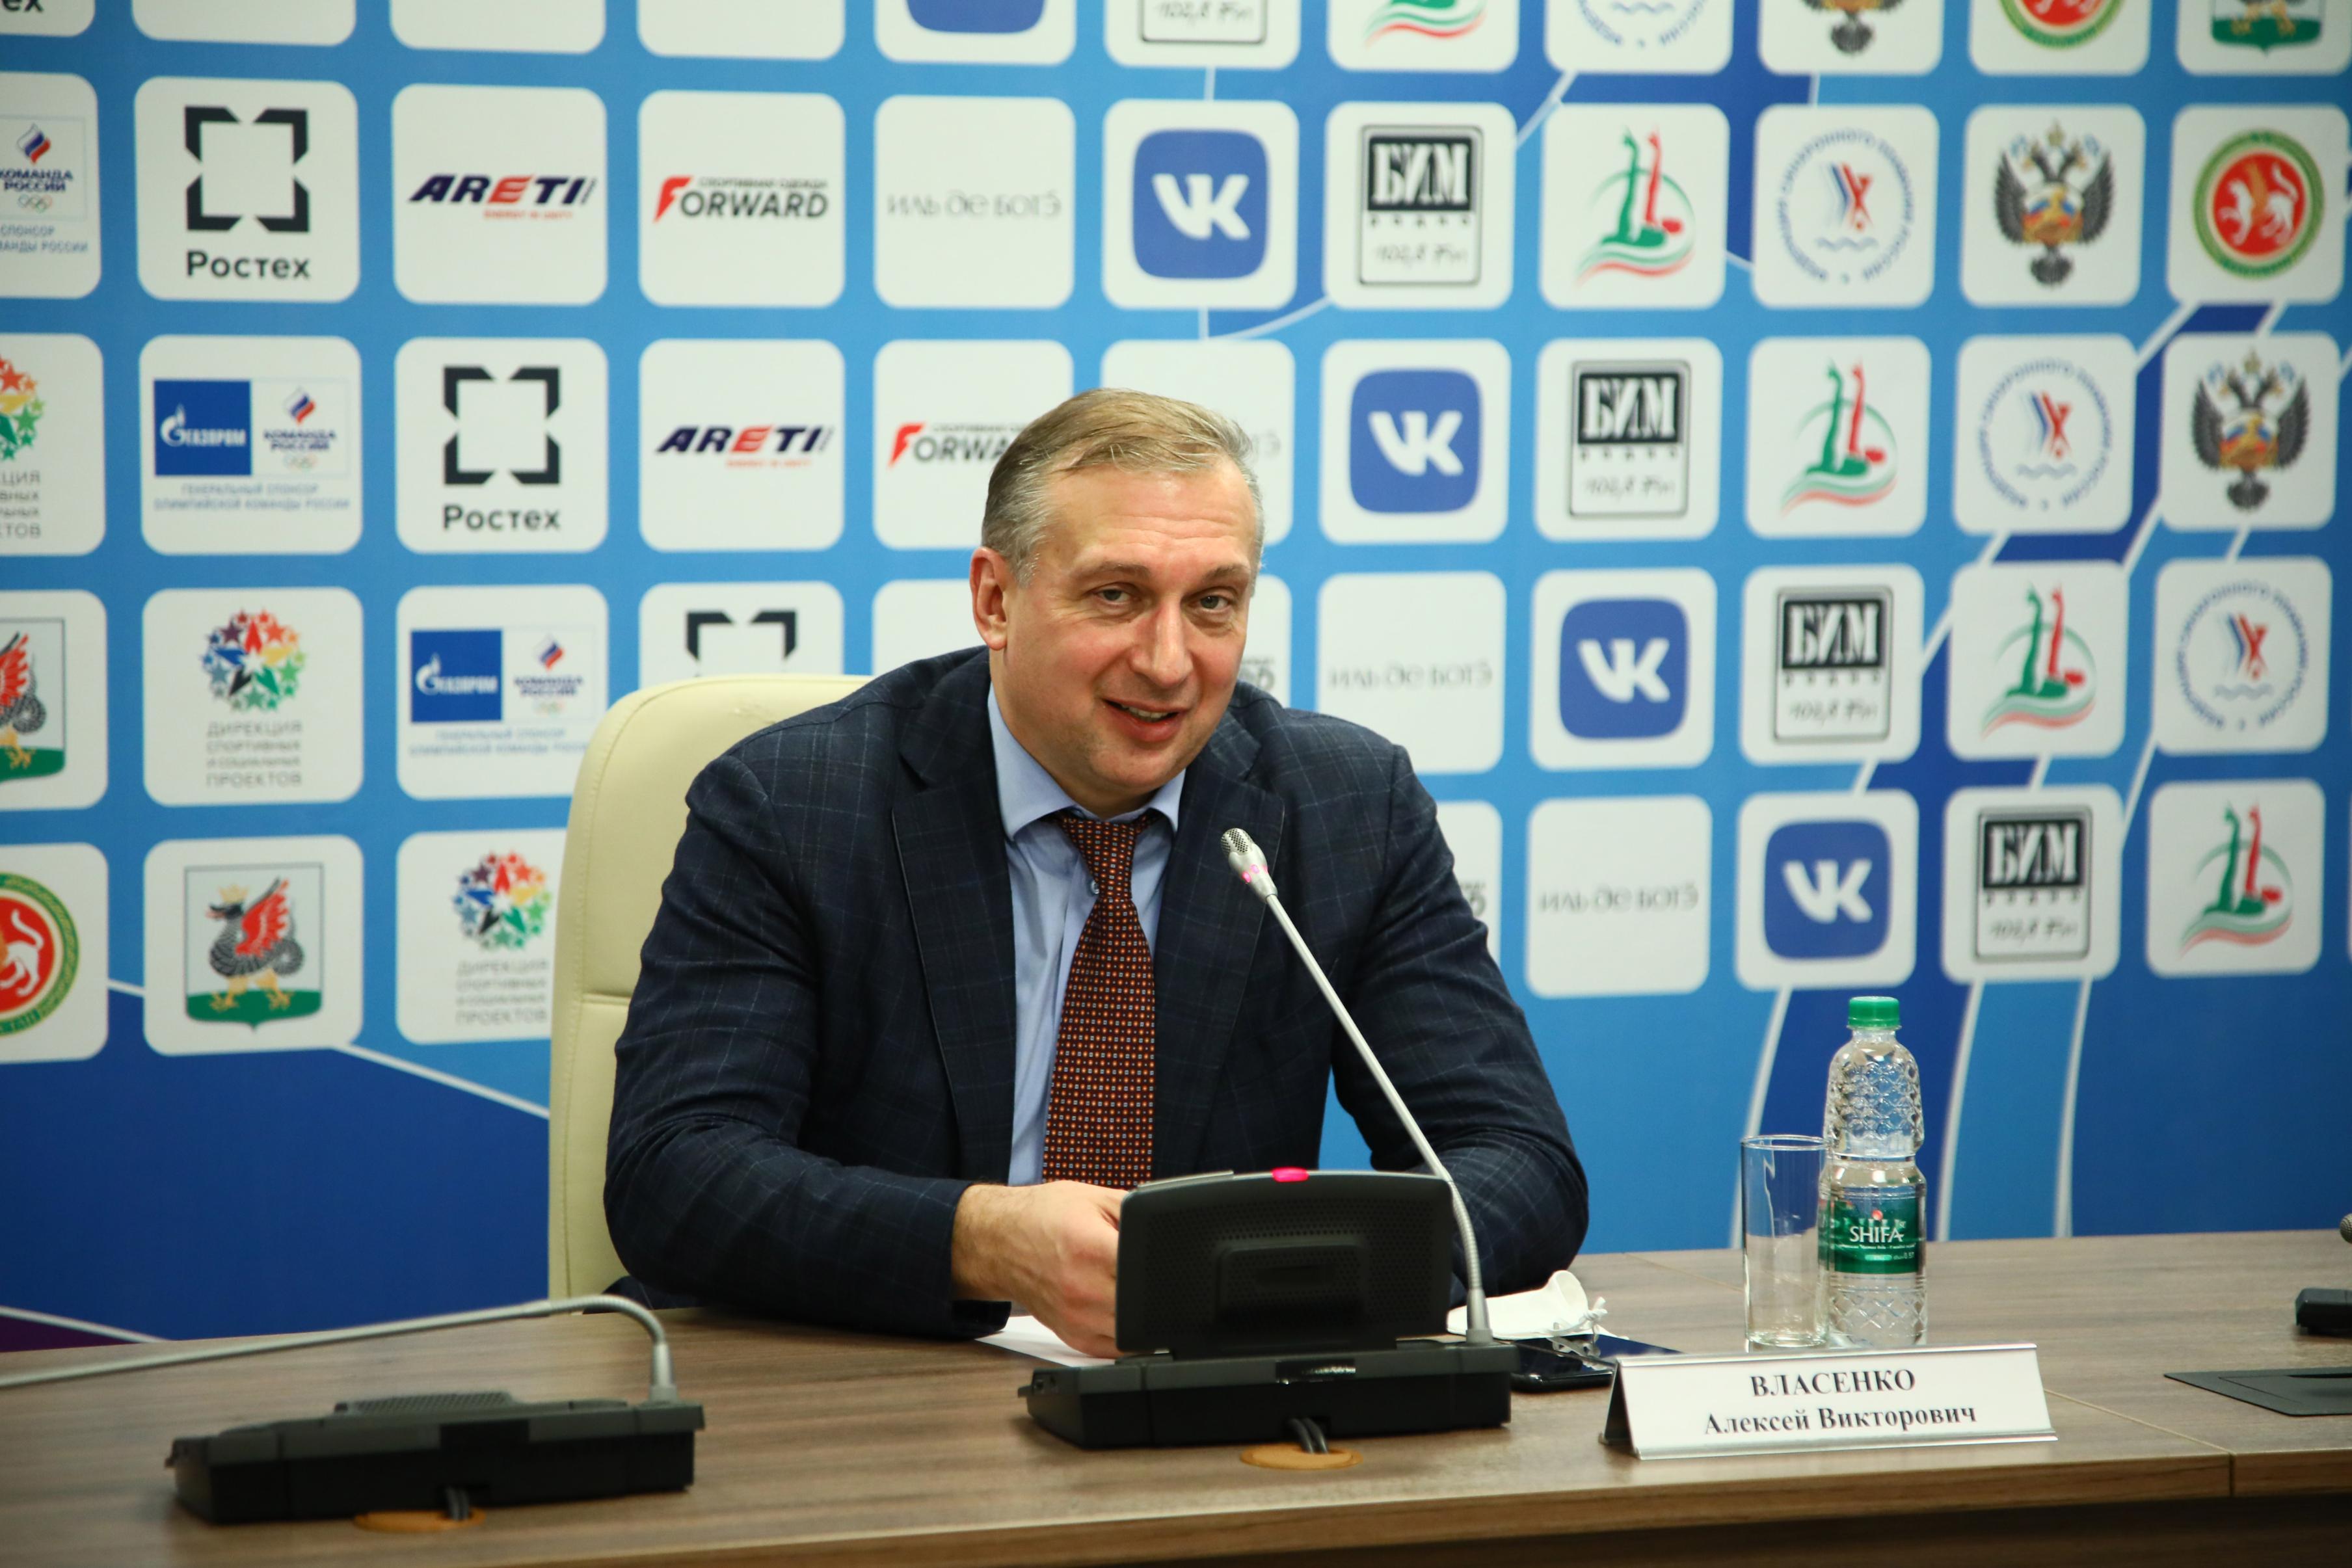 Алексей Власенко: «Мы уже начали целенаправленную подготовку к главному старту – Олимпиаде в Токио в 2021 году»